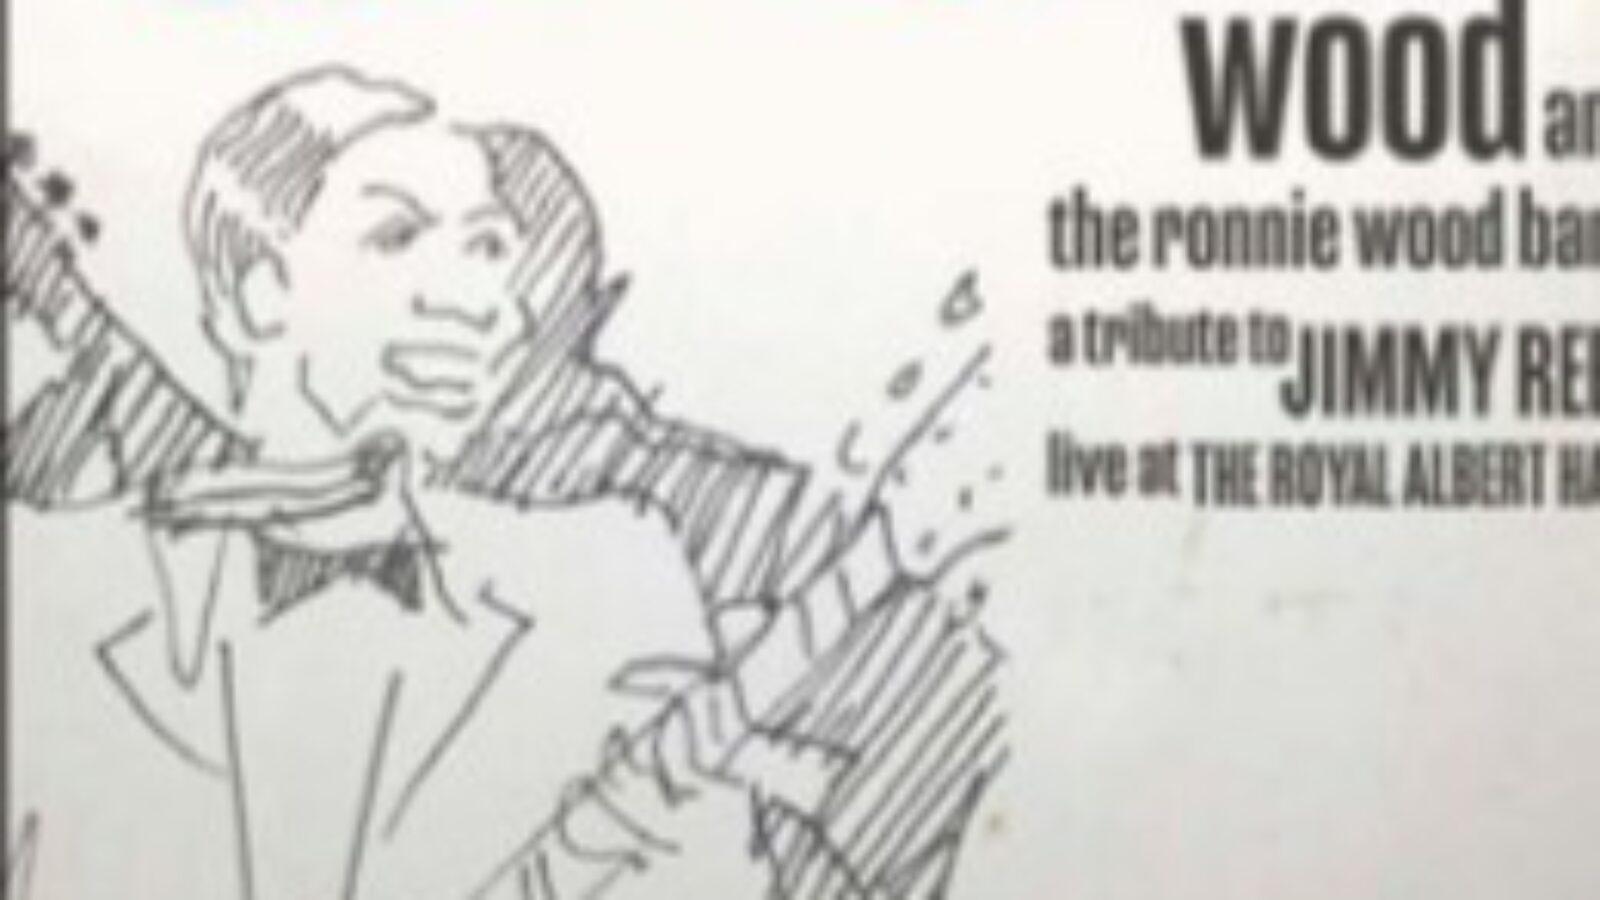 Album des Monats Platz 2: Ronnie Wood